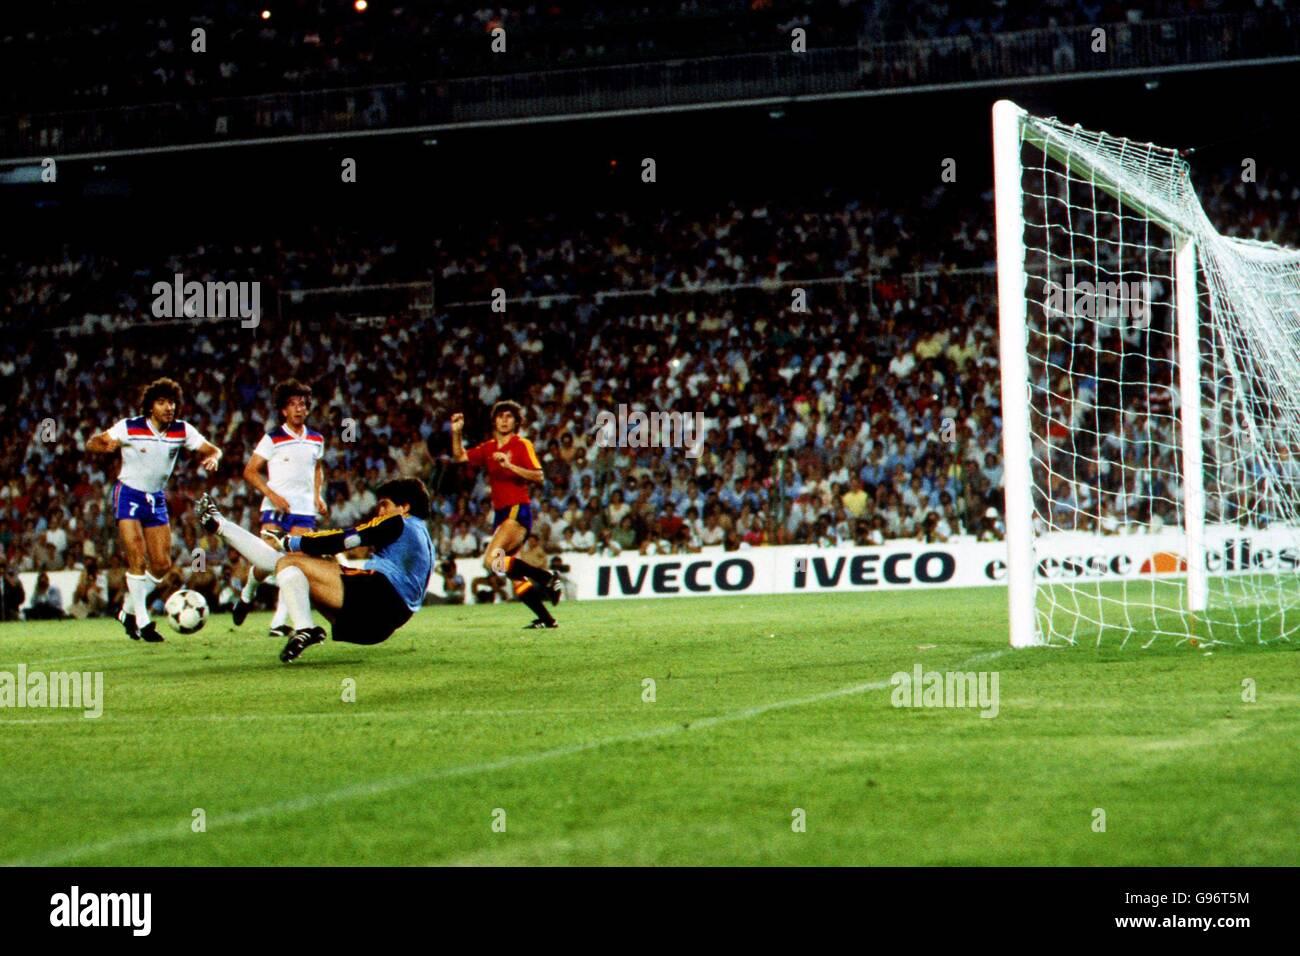 World cup spain 1982 photos world cup spain 1982 images alamy - Coupe du monde de football 1982 ...